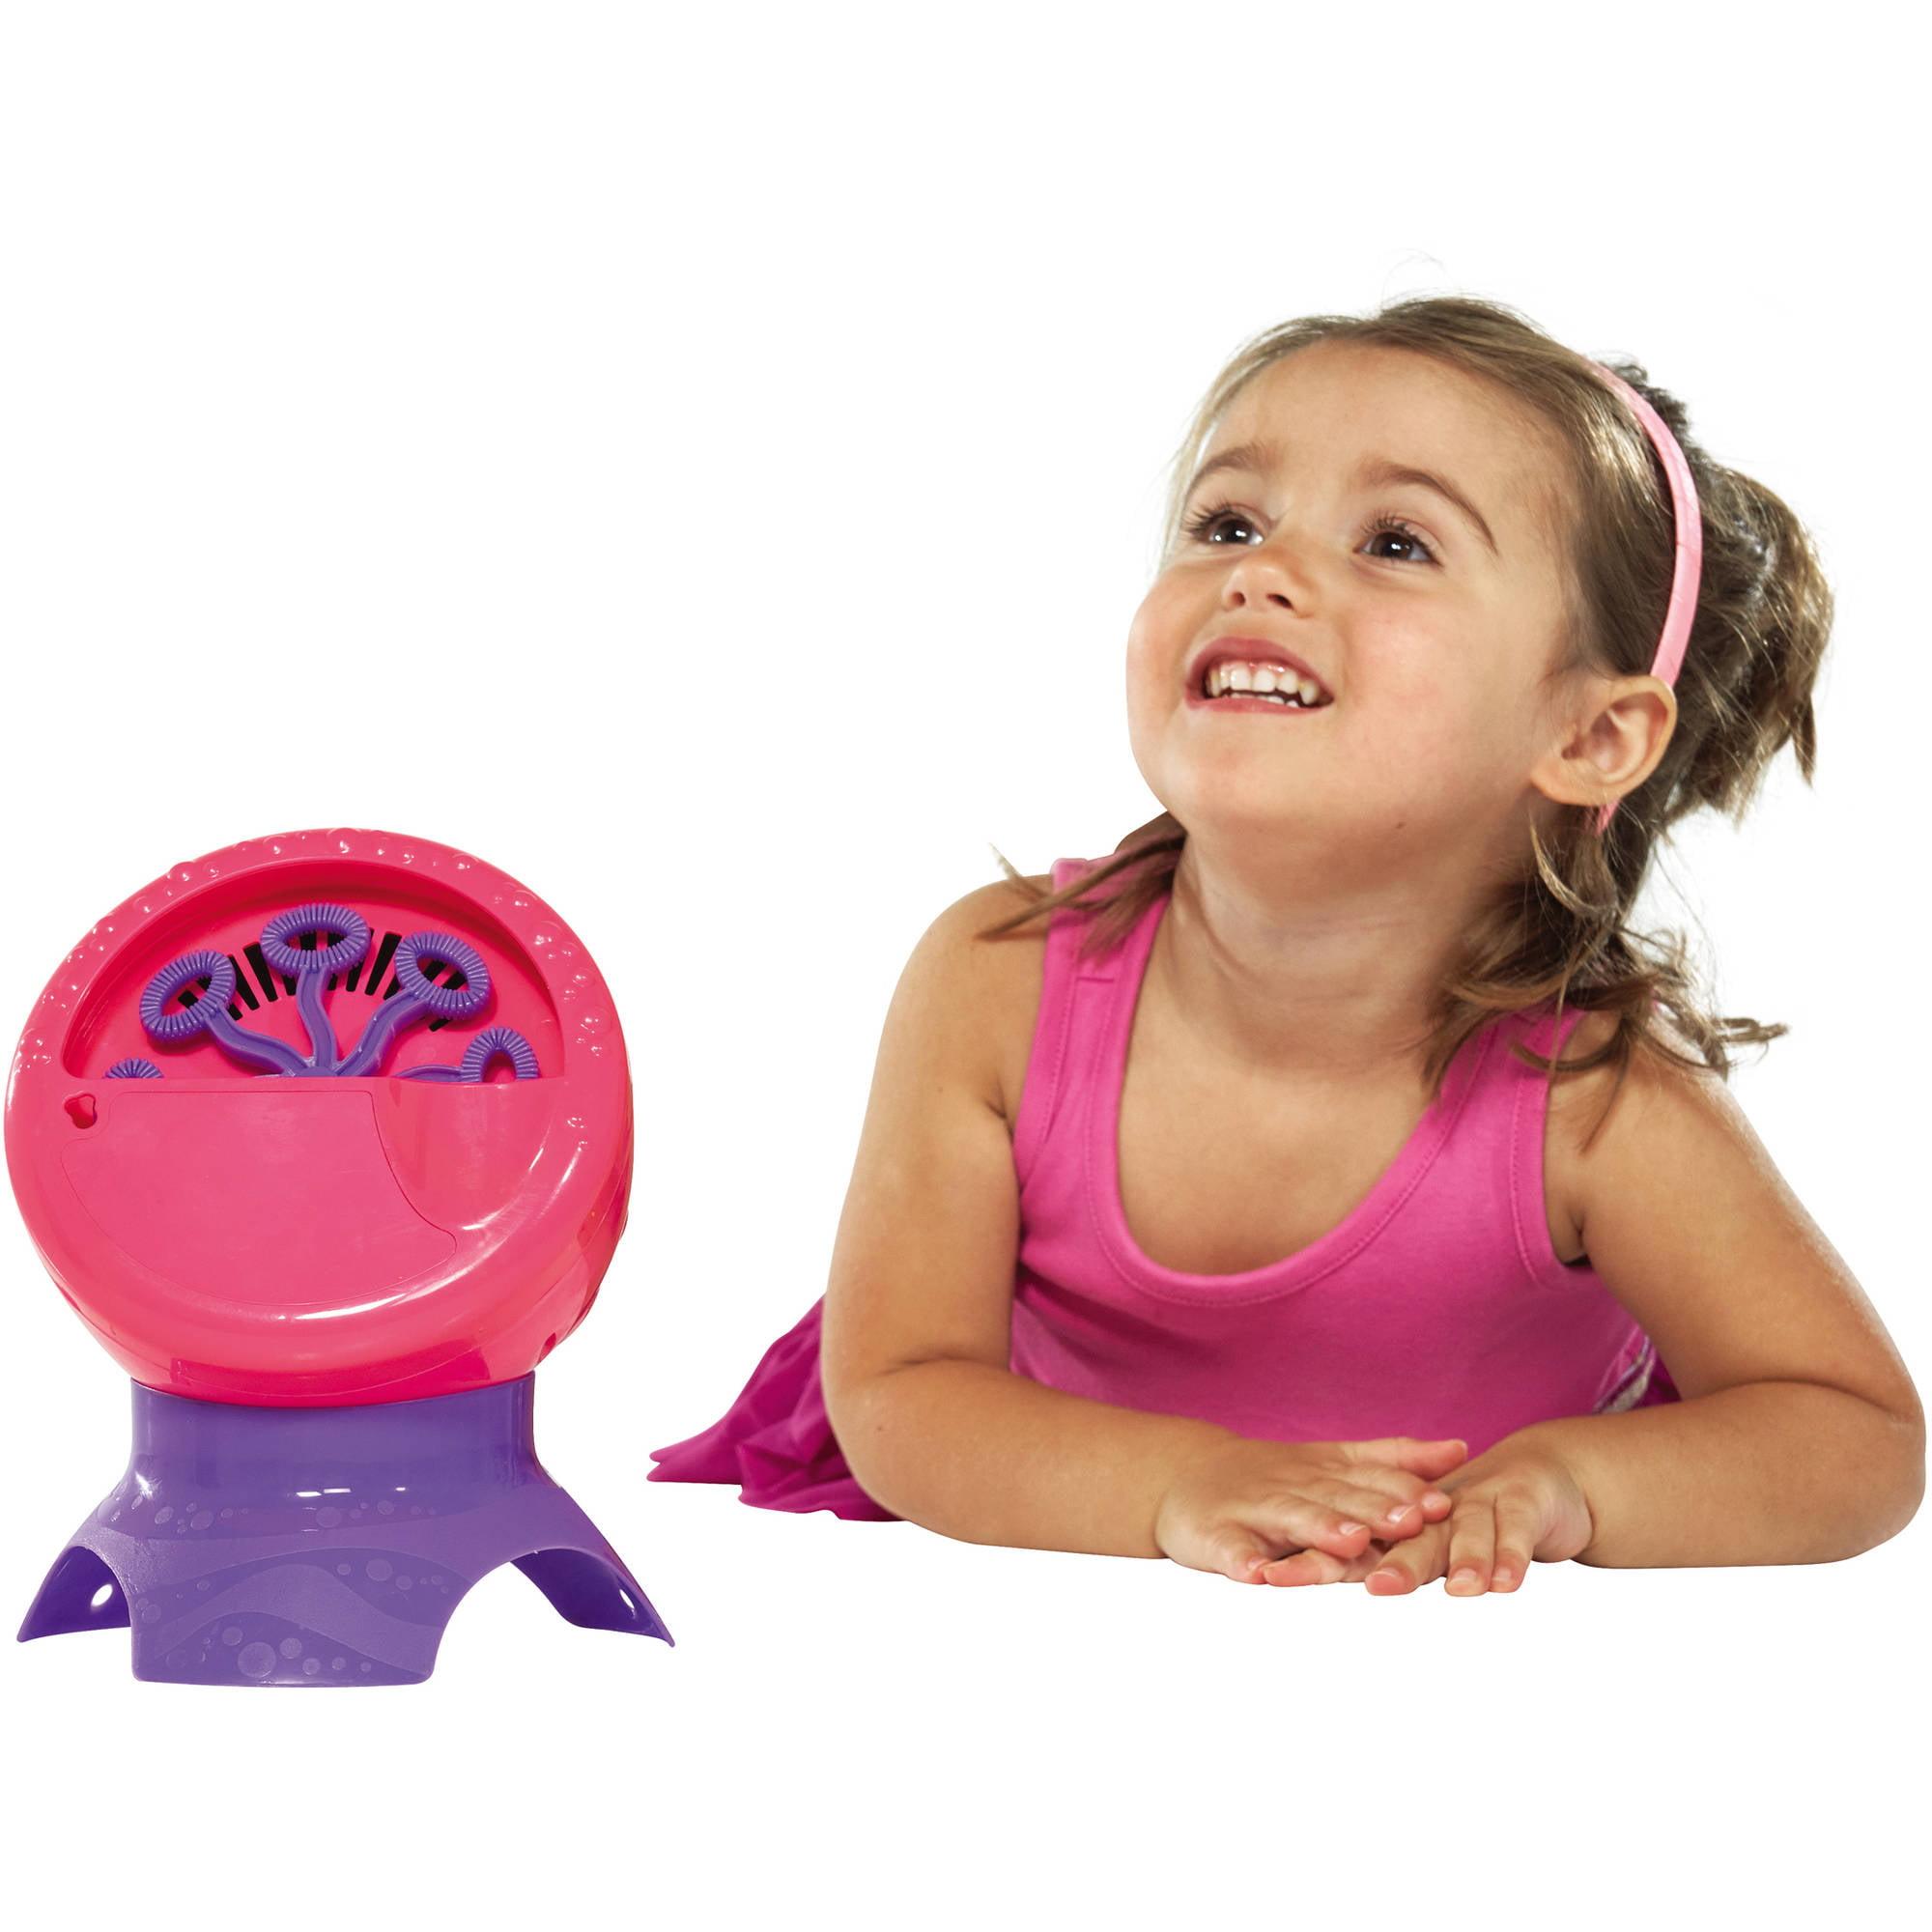 Little Kids Fubbles Bubble Blastin' Machine, Pink